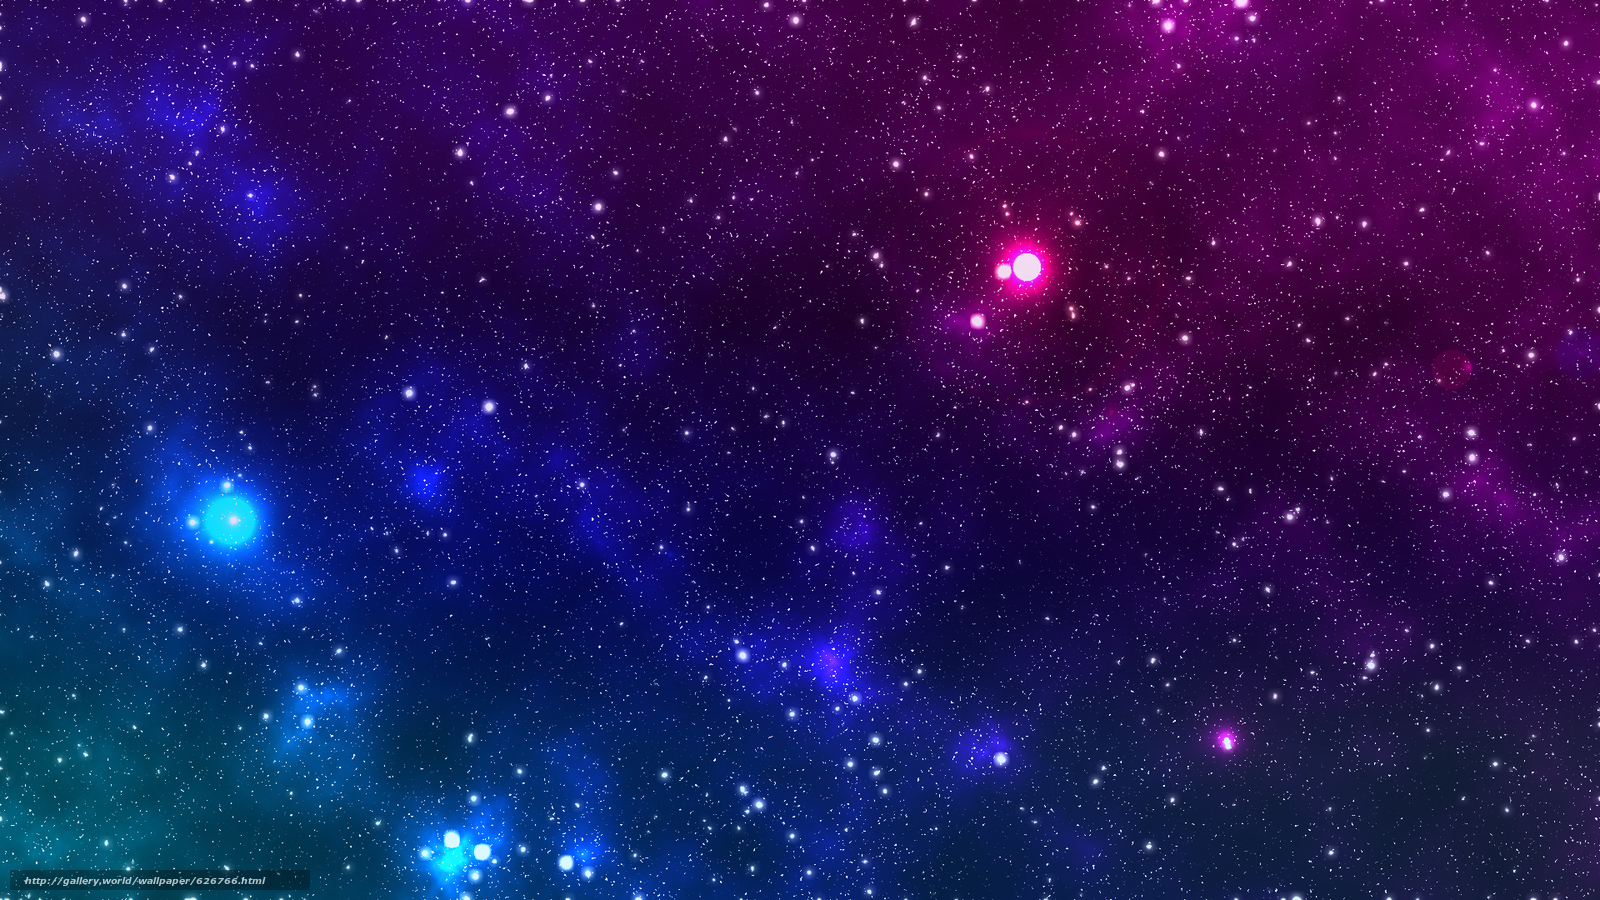 Скачать обои космос,  3d,  art бесплатно для рабочего стола в разрешении 1920x1080 — картинка №626766